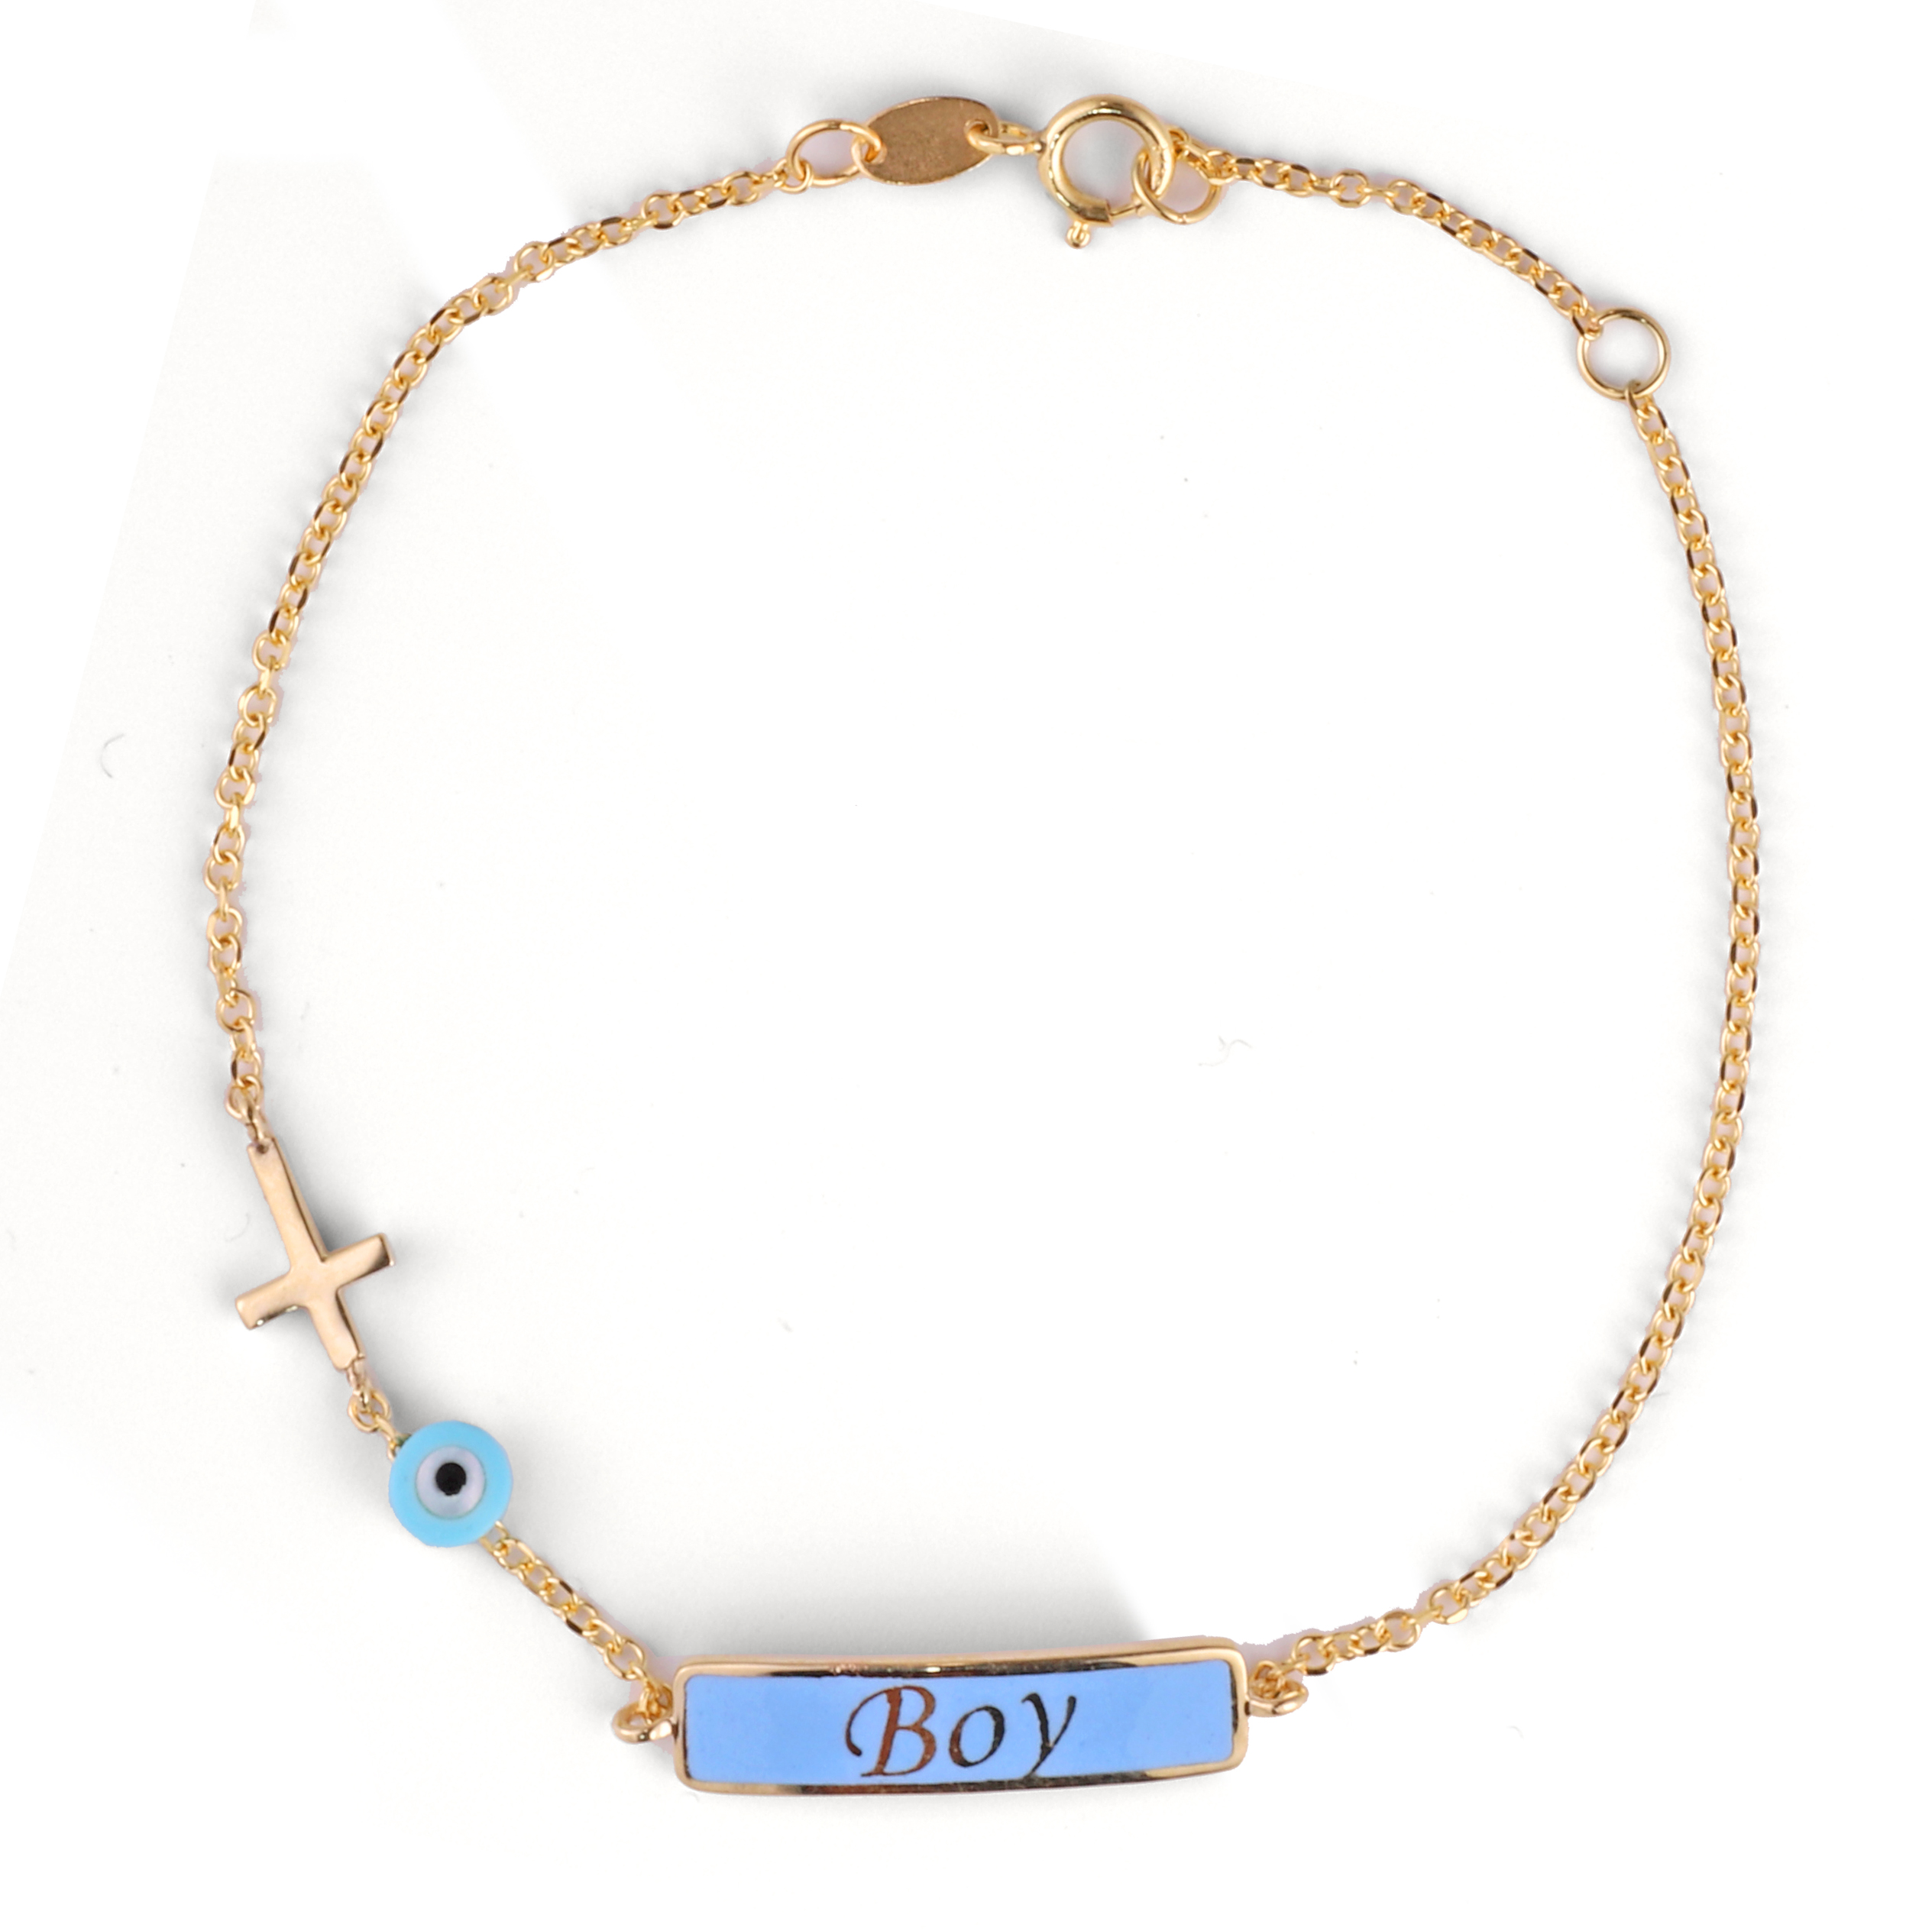 Παιδική Ταυτότητα με Όνομα σε Μπλέ Σμάλτο Χρυσός Κ9 - 160701Β